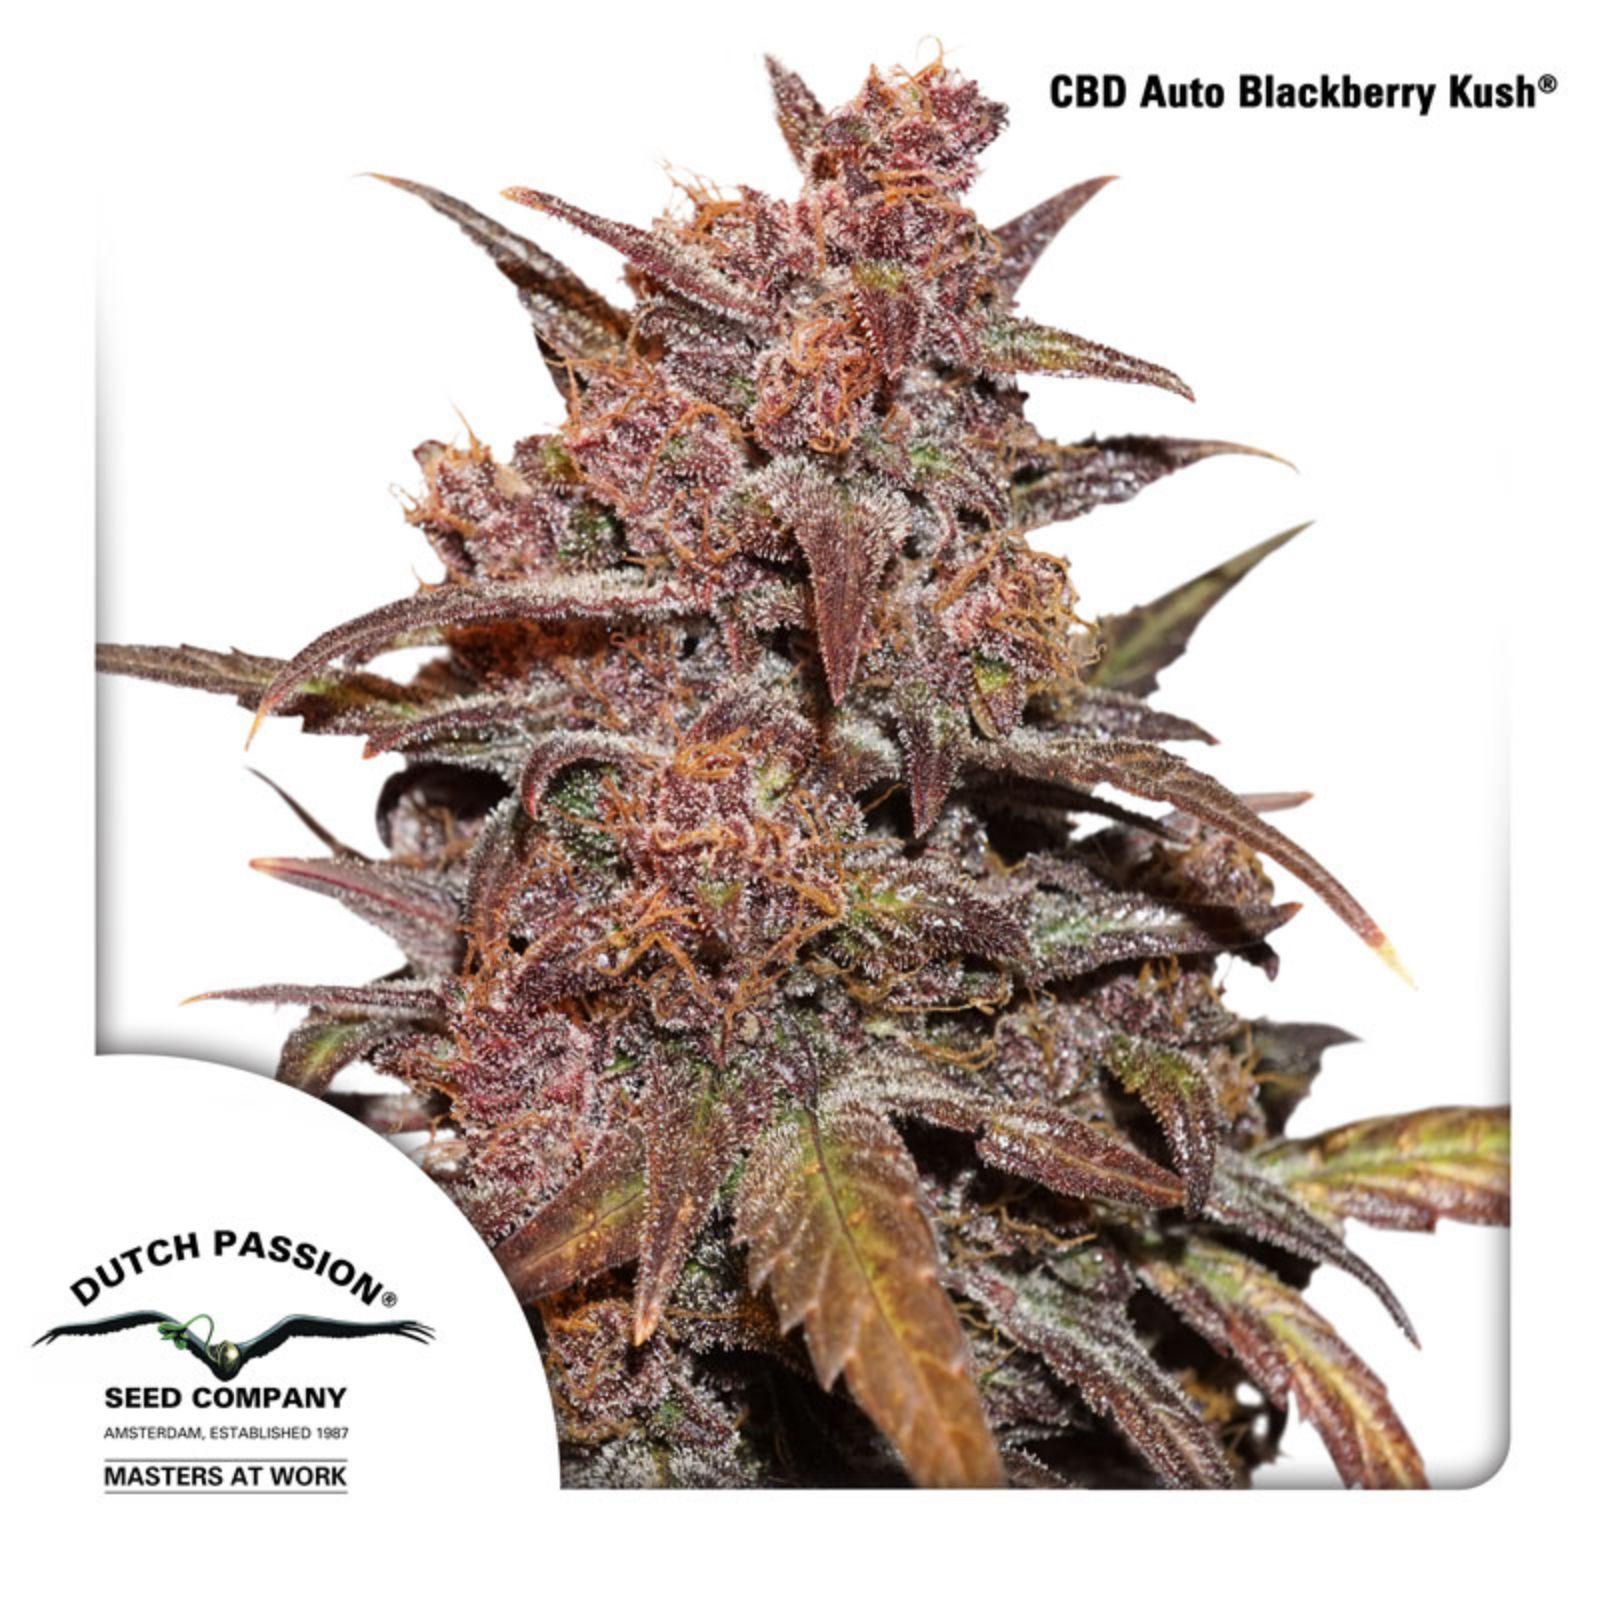 Dutch Passion - CBD Auto Blackberry Kush